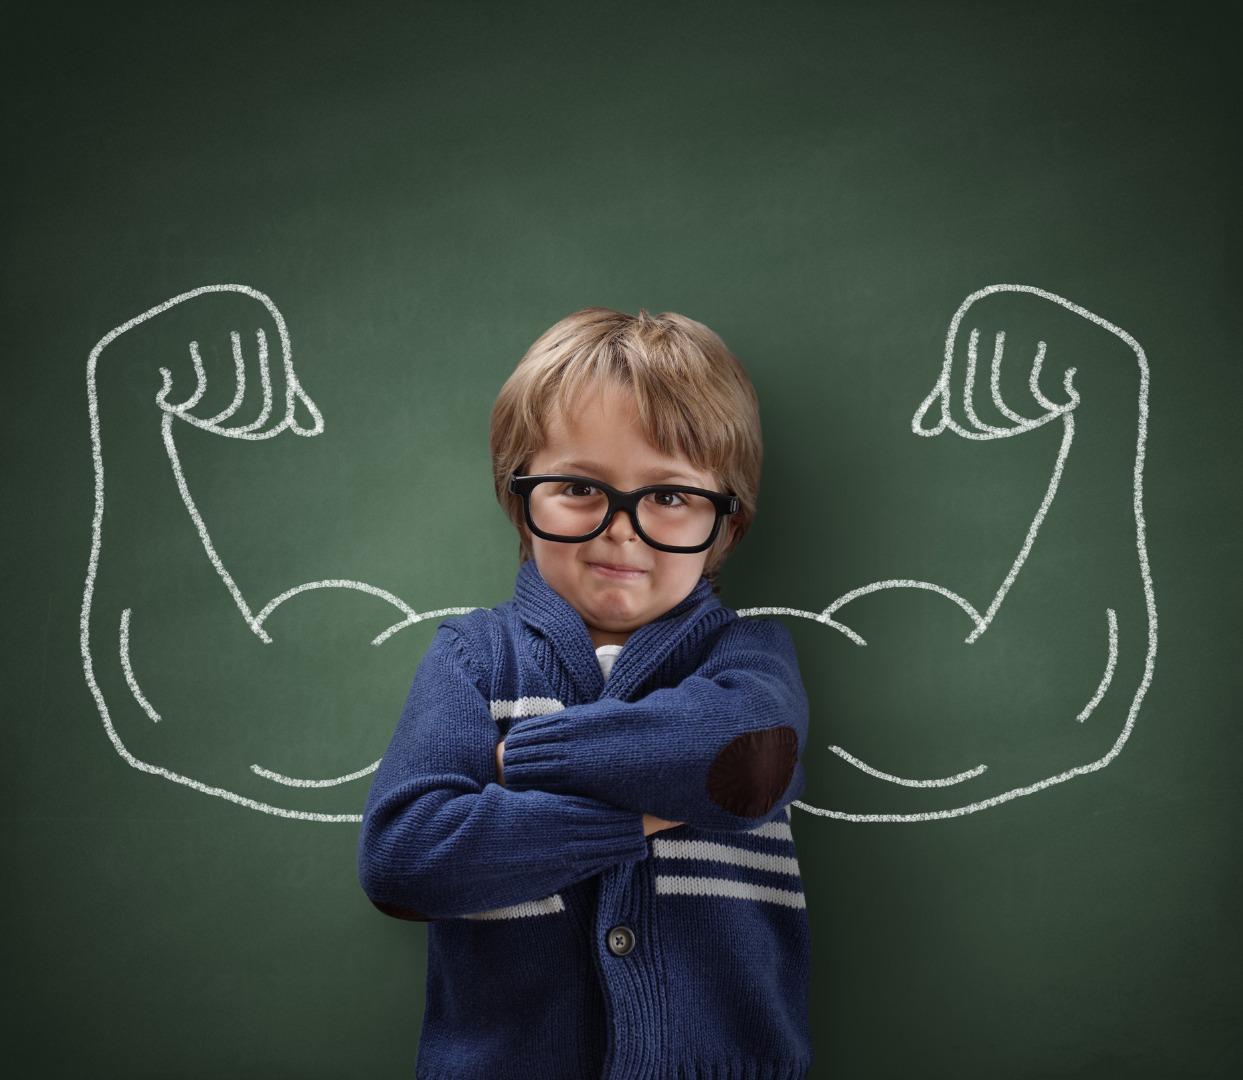 Садовские или домашние дети: кому легче учиться?